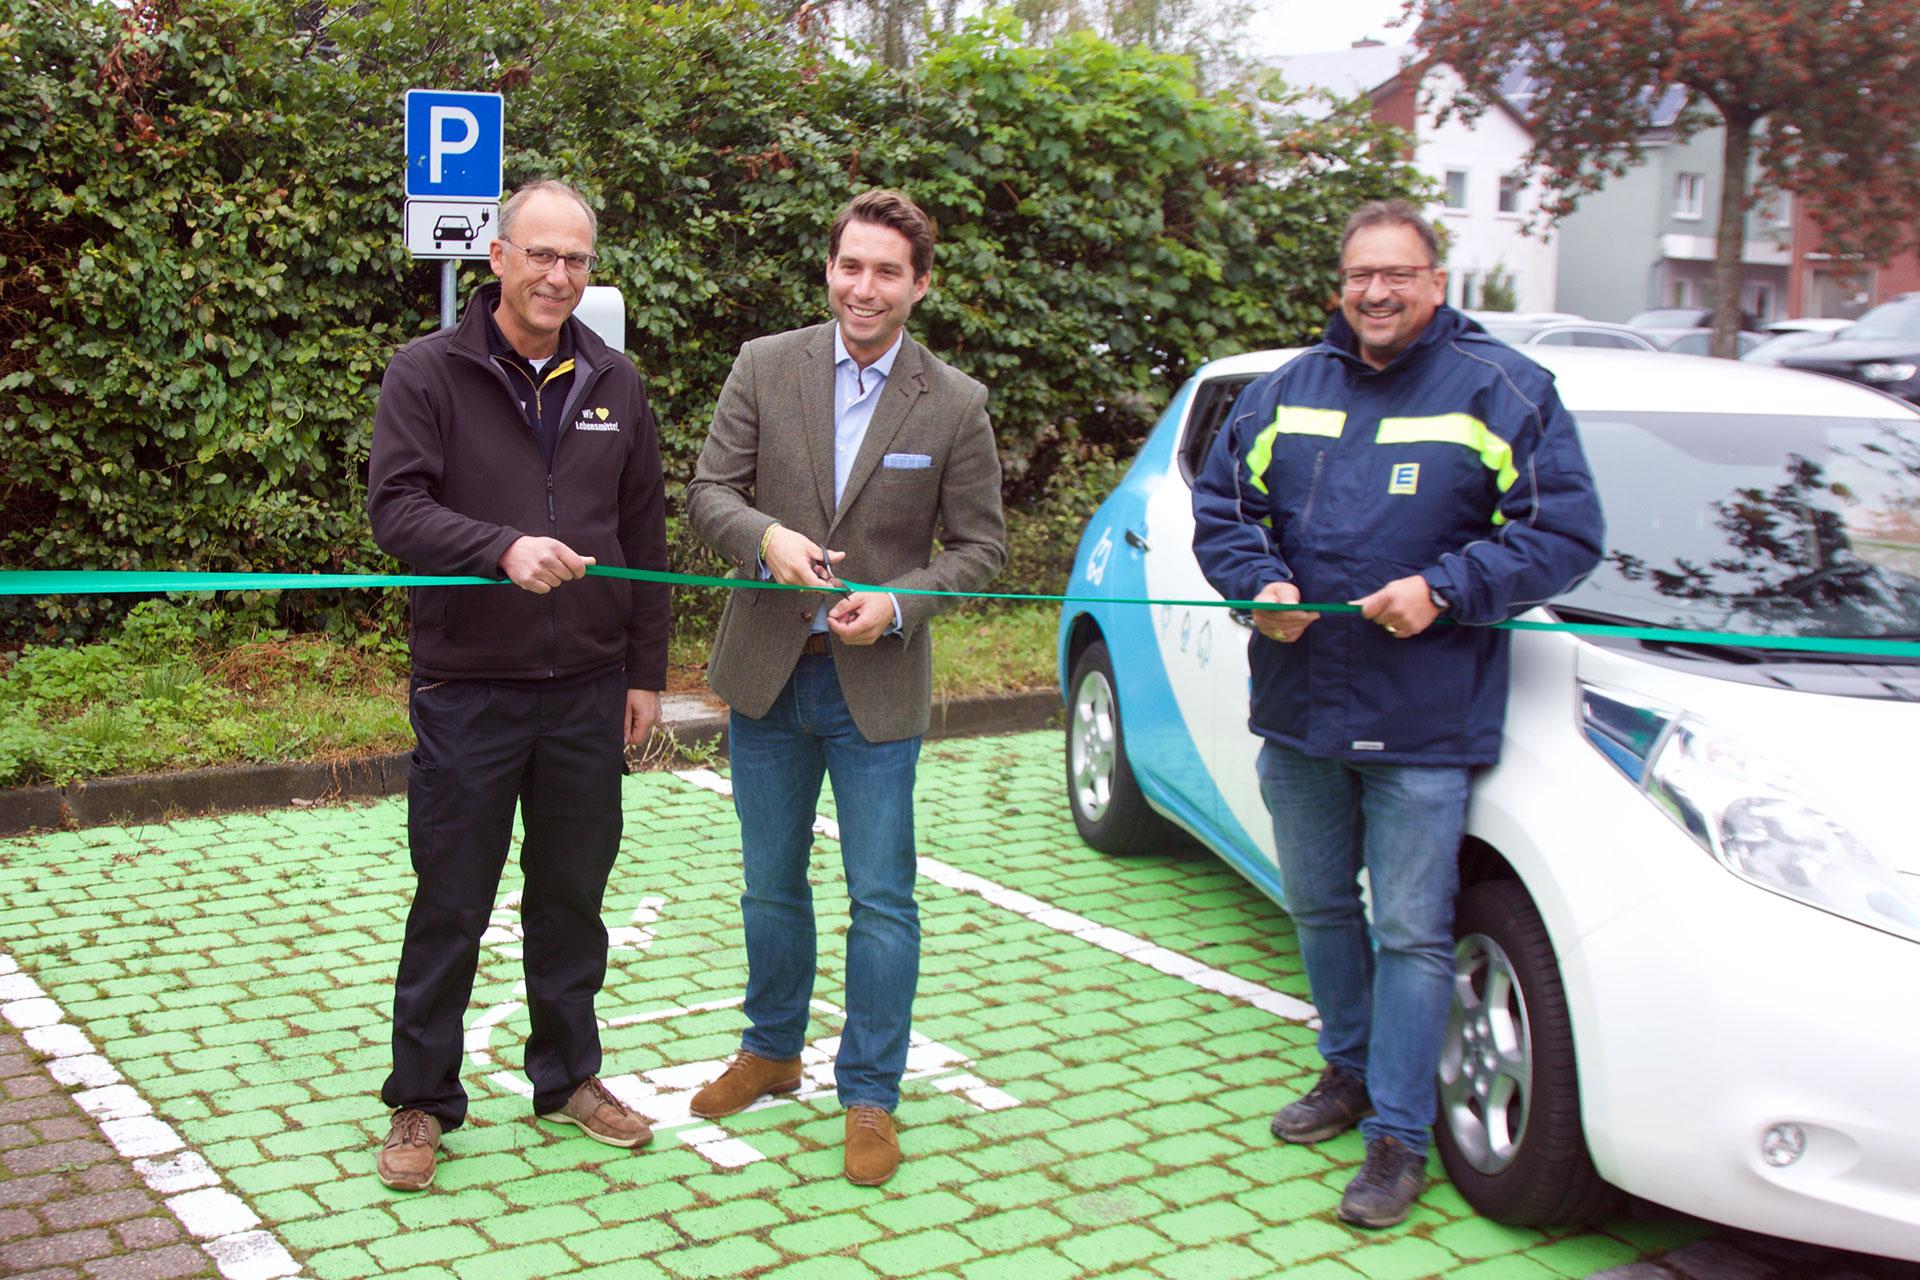 Von links nach rechts: Ove Lück (EDEKA Lück Niebüll), Dr. Jan Schulz (Geschäftsführer Stadtwerke Nordfriesland), Sven Lück (EDEKA Lück Leck)